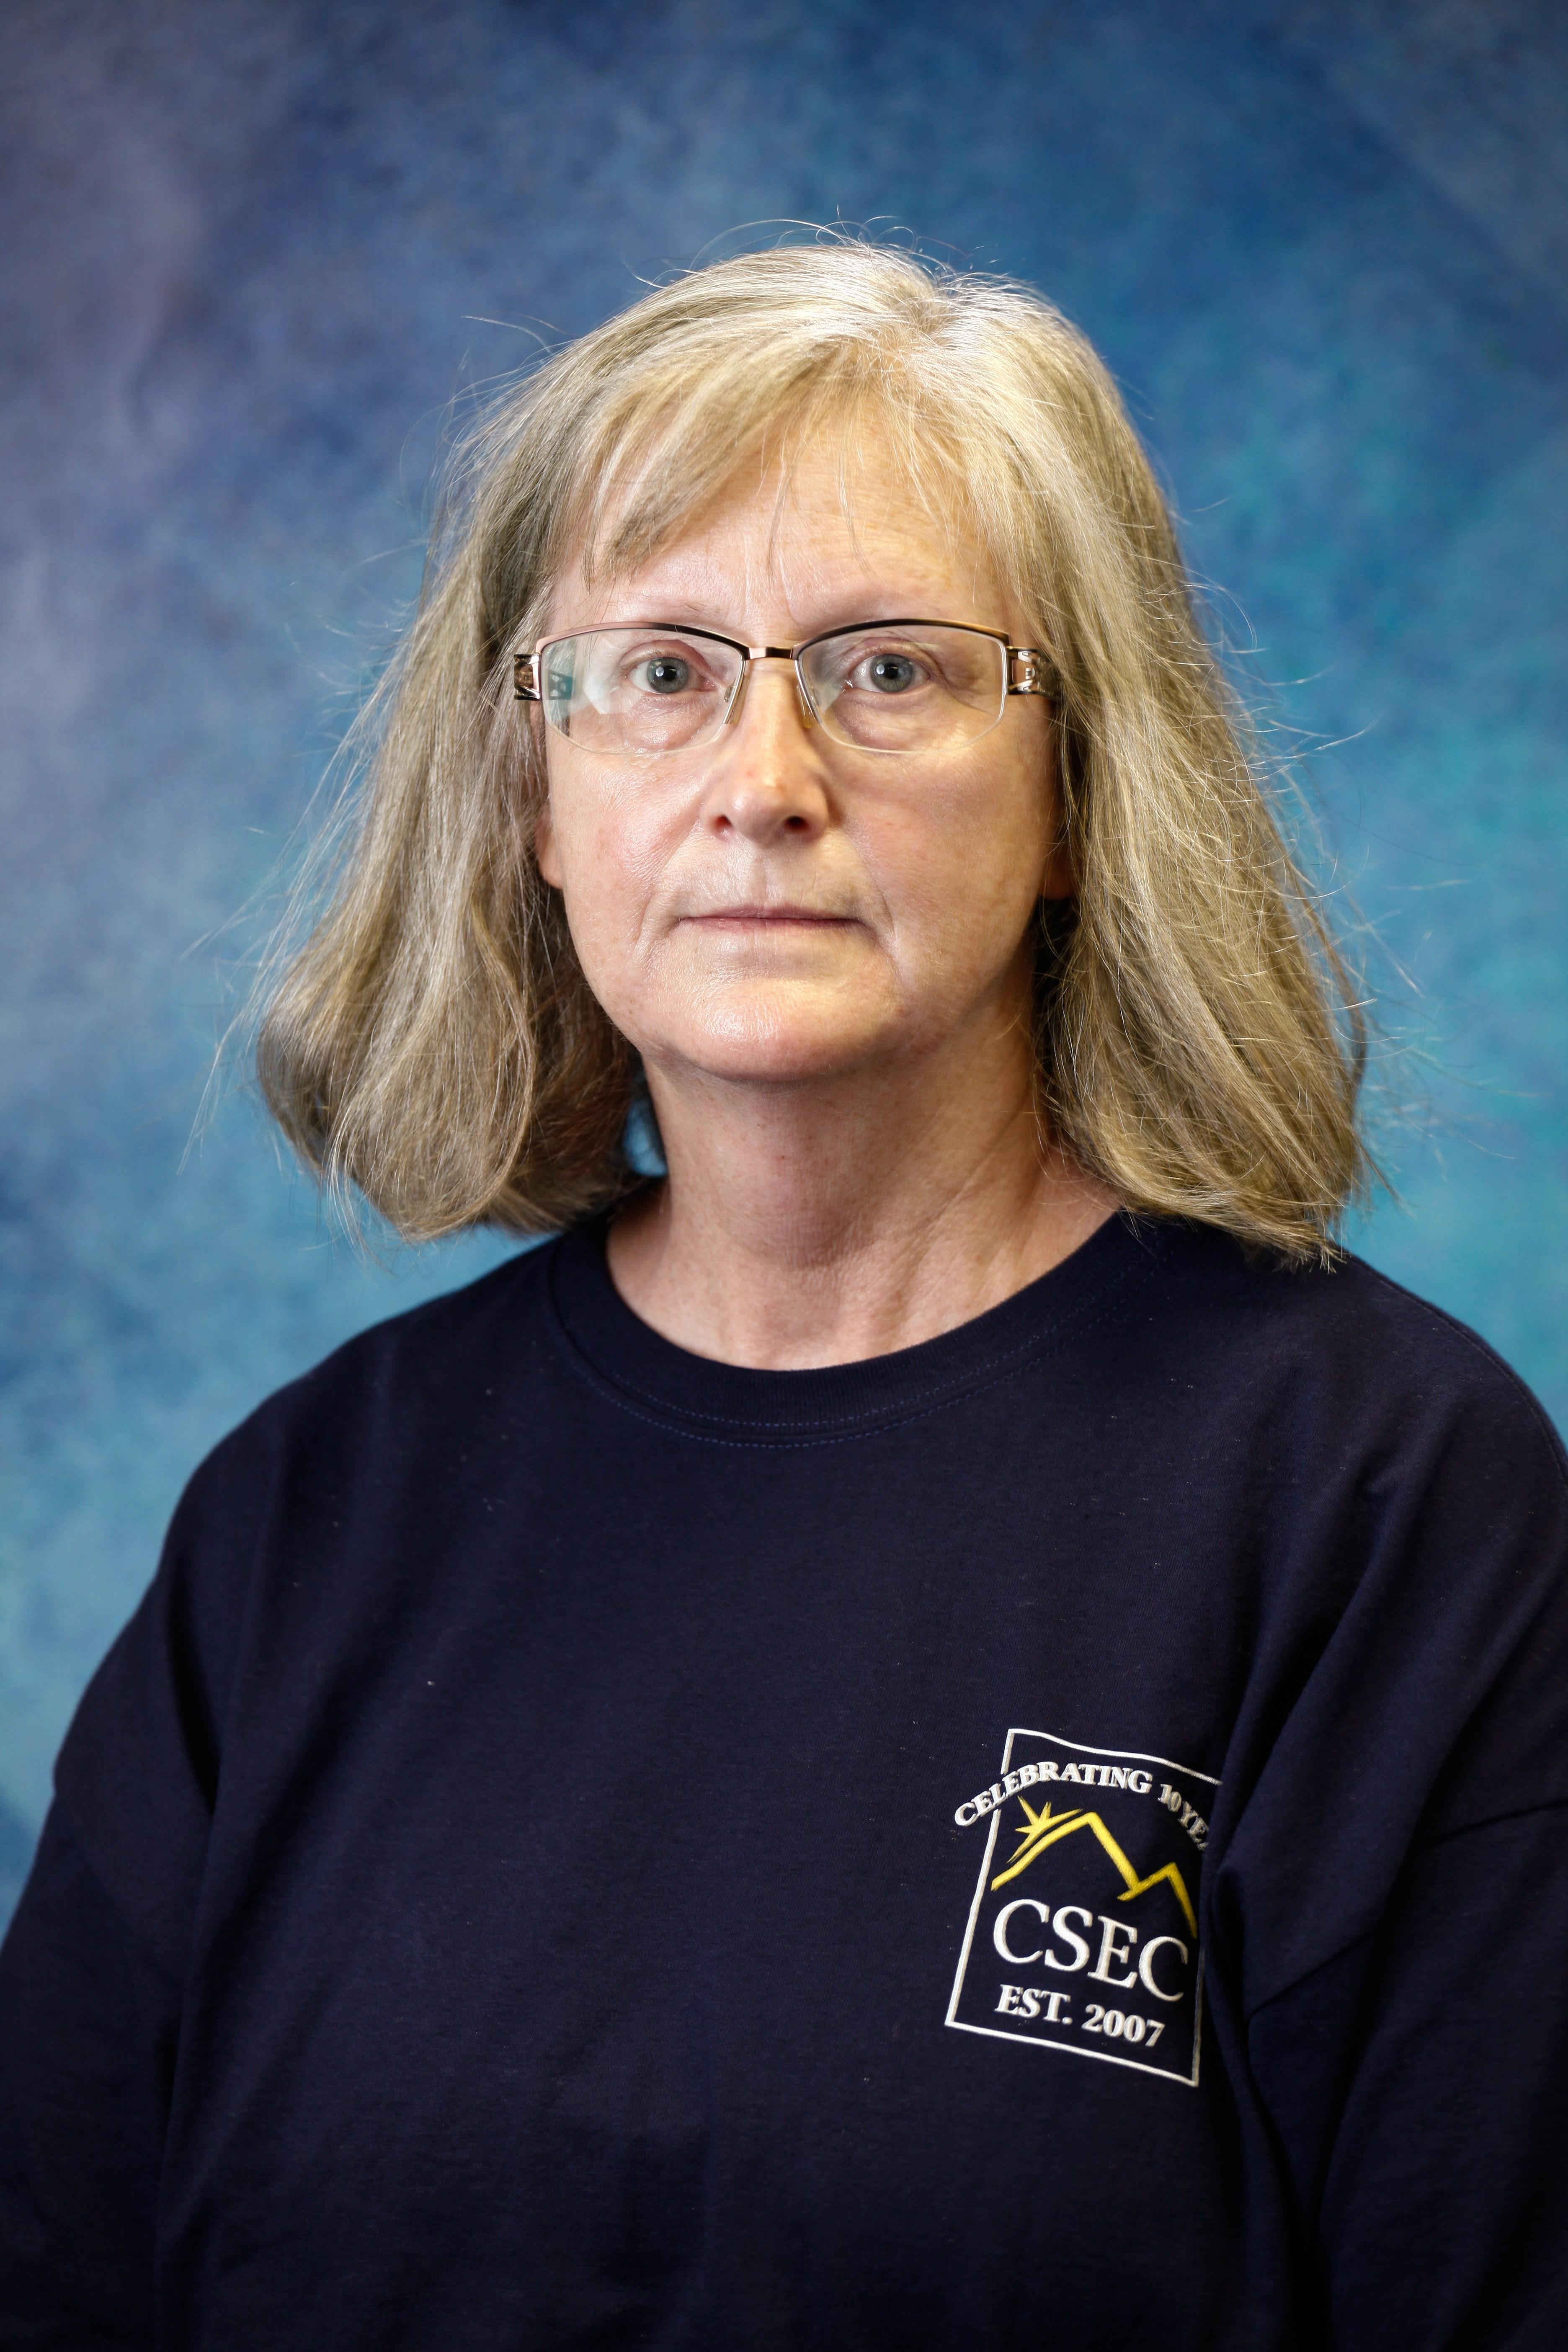 Gail Curtis, Bus Driver